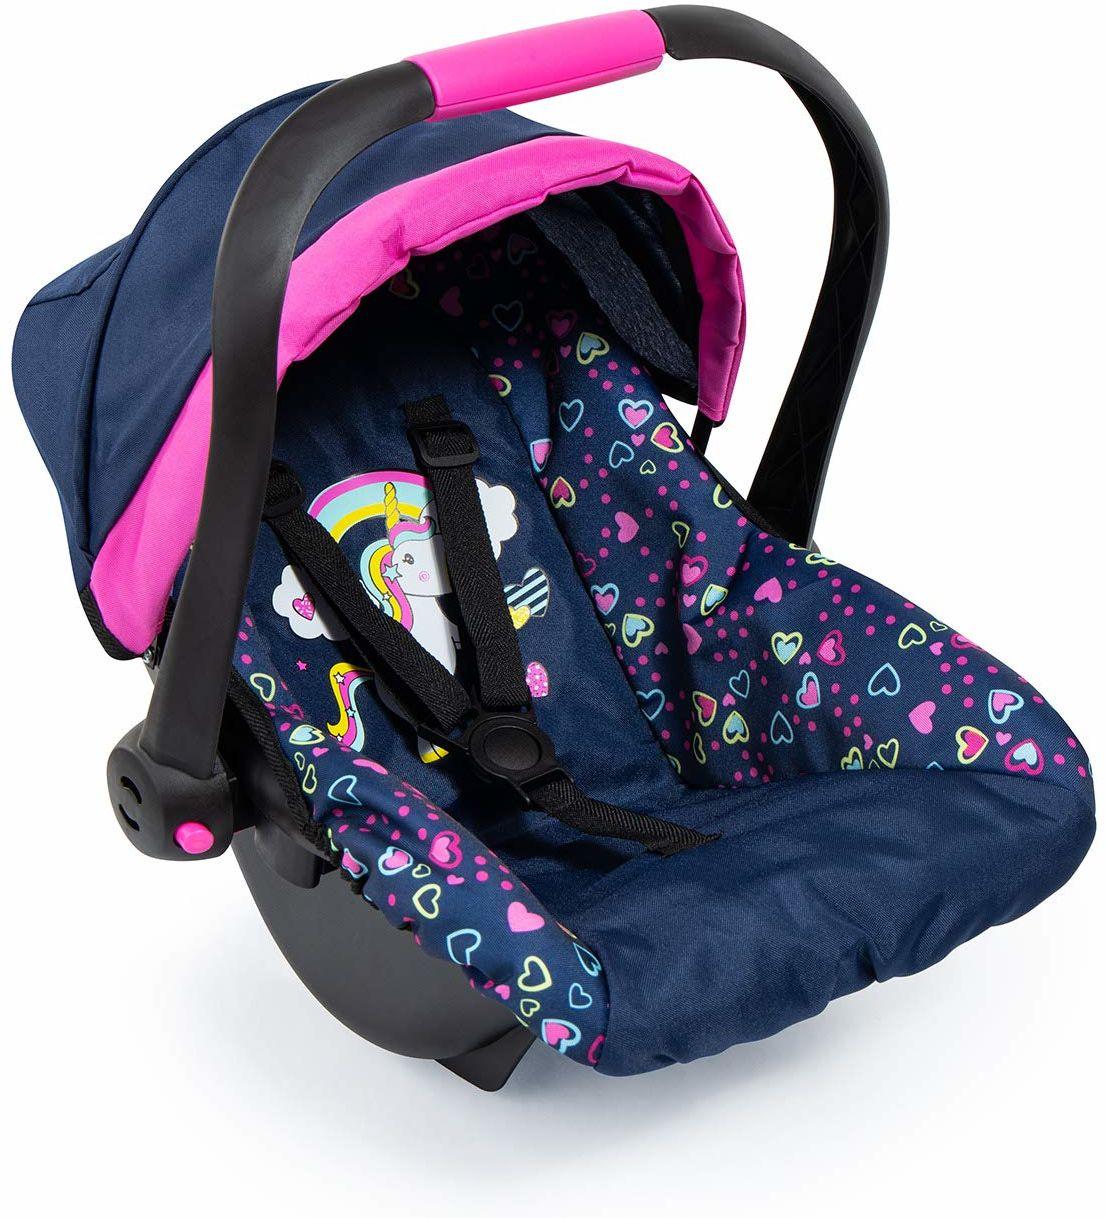 Fotelik samochodowy Easy Go dla lalek dla niemowląt, maluchów, kompatybilny z wózkiem Neo Vario z pokrowcem i paskiem, akcesoria dla lalek